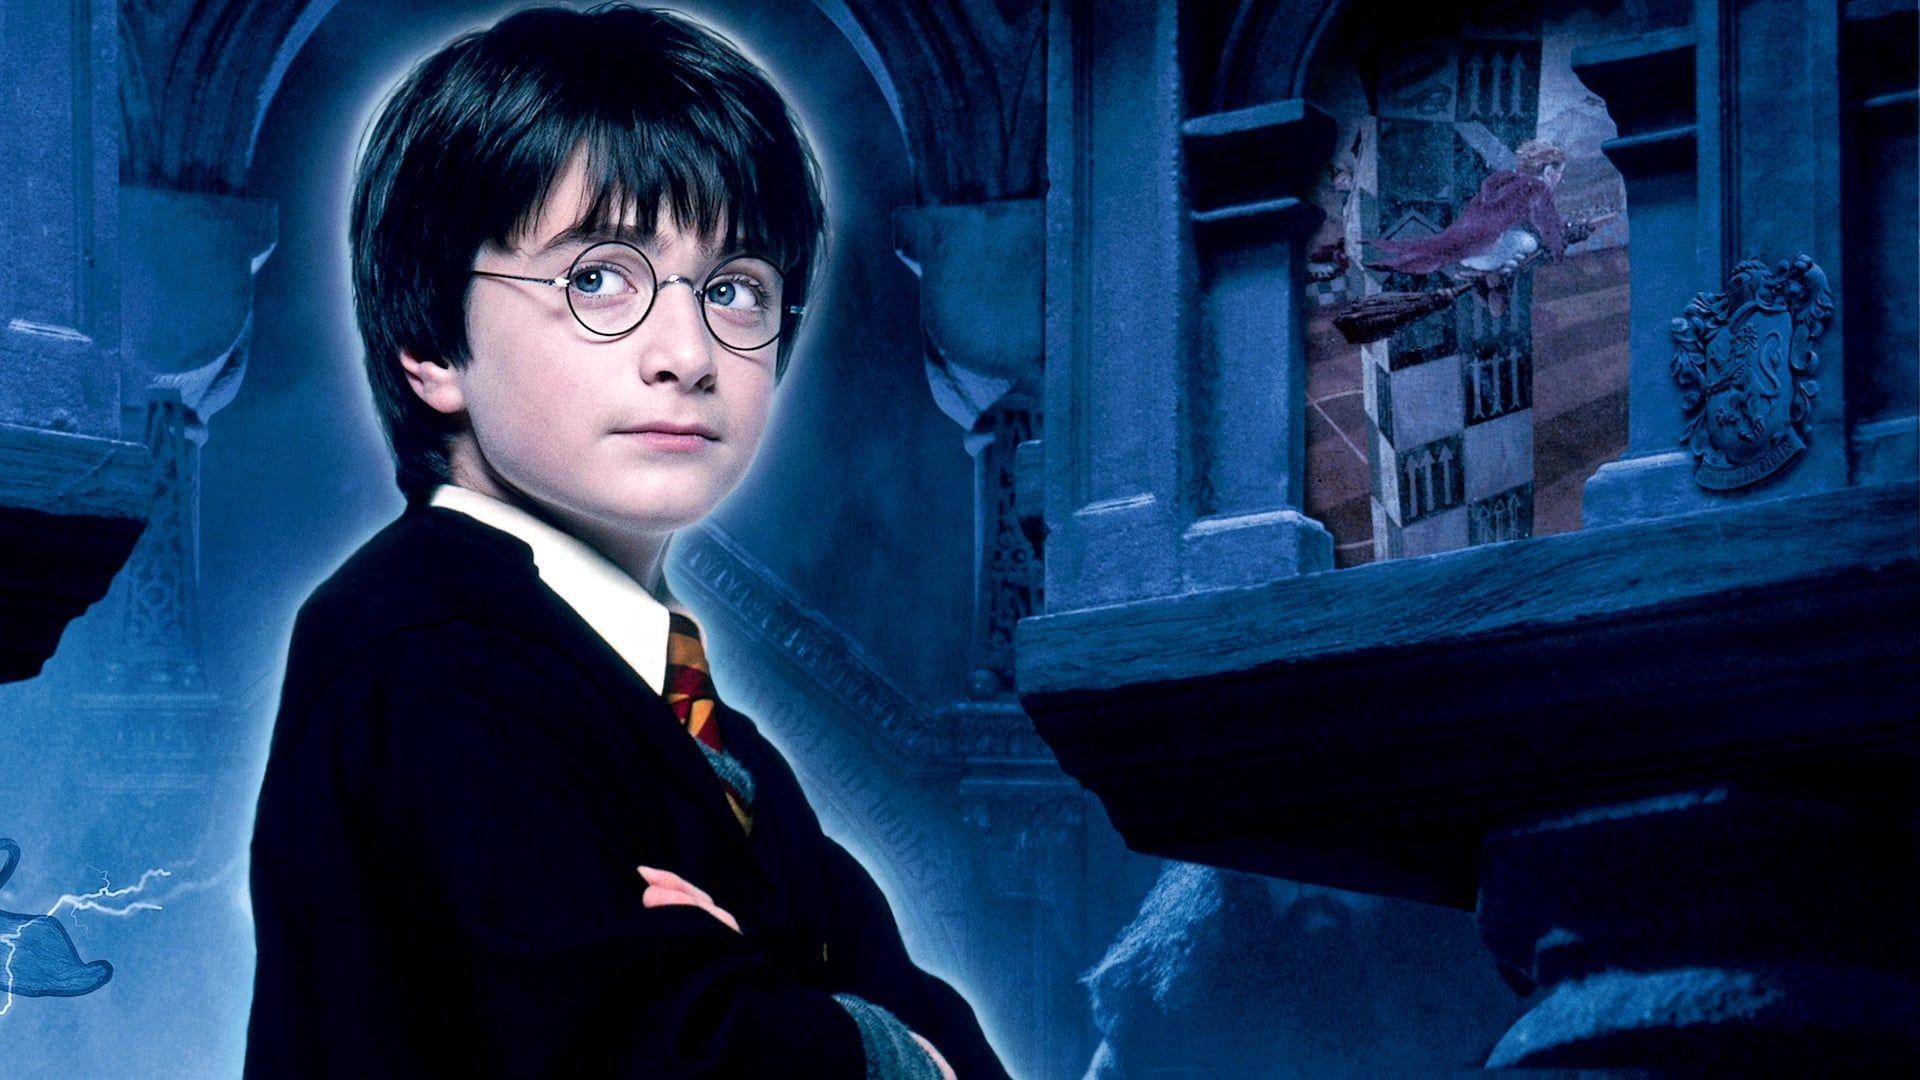 Harry Potter Und Der Stein Der Weisen 2001 Ganzer Film Deutsch Komplett Kino Harry Potter Und Free Movies Online Streaming Movies Free Full Movies Online Free